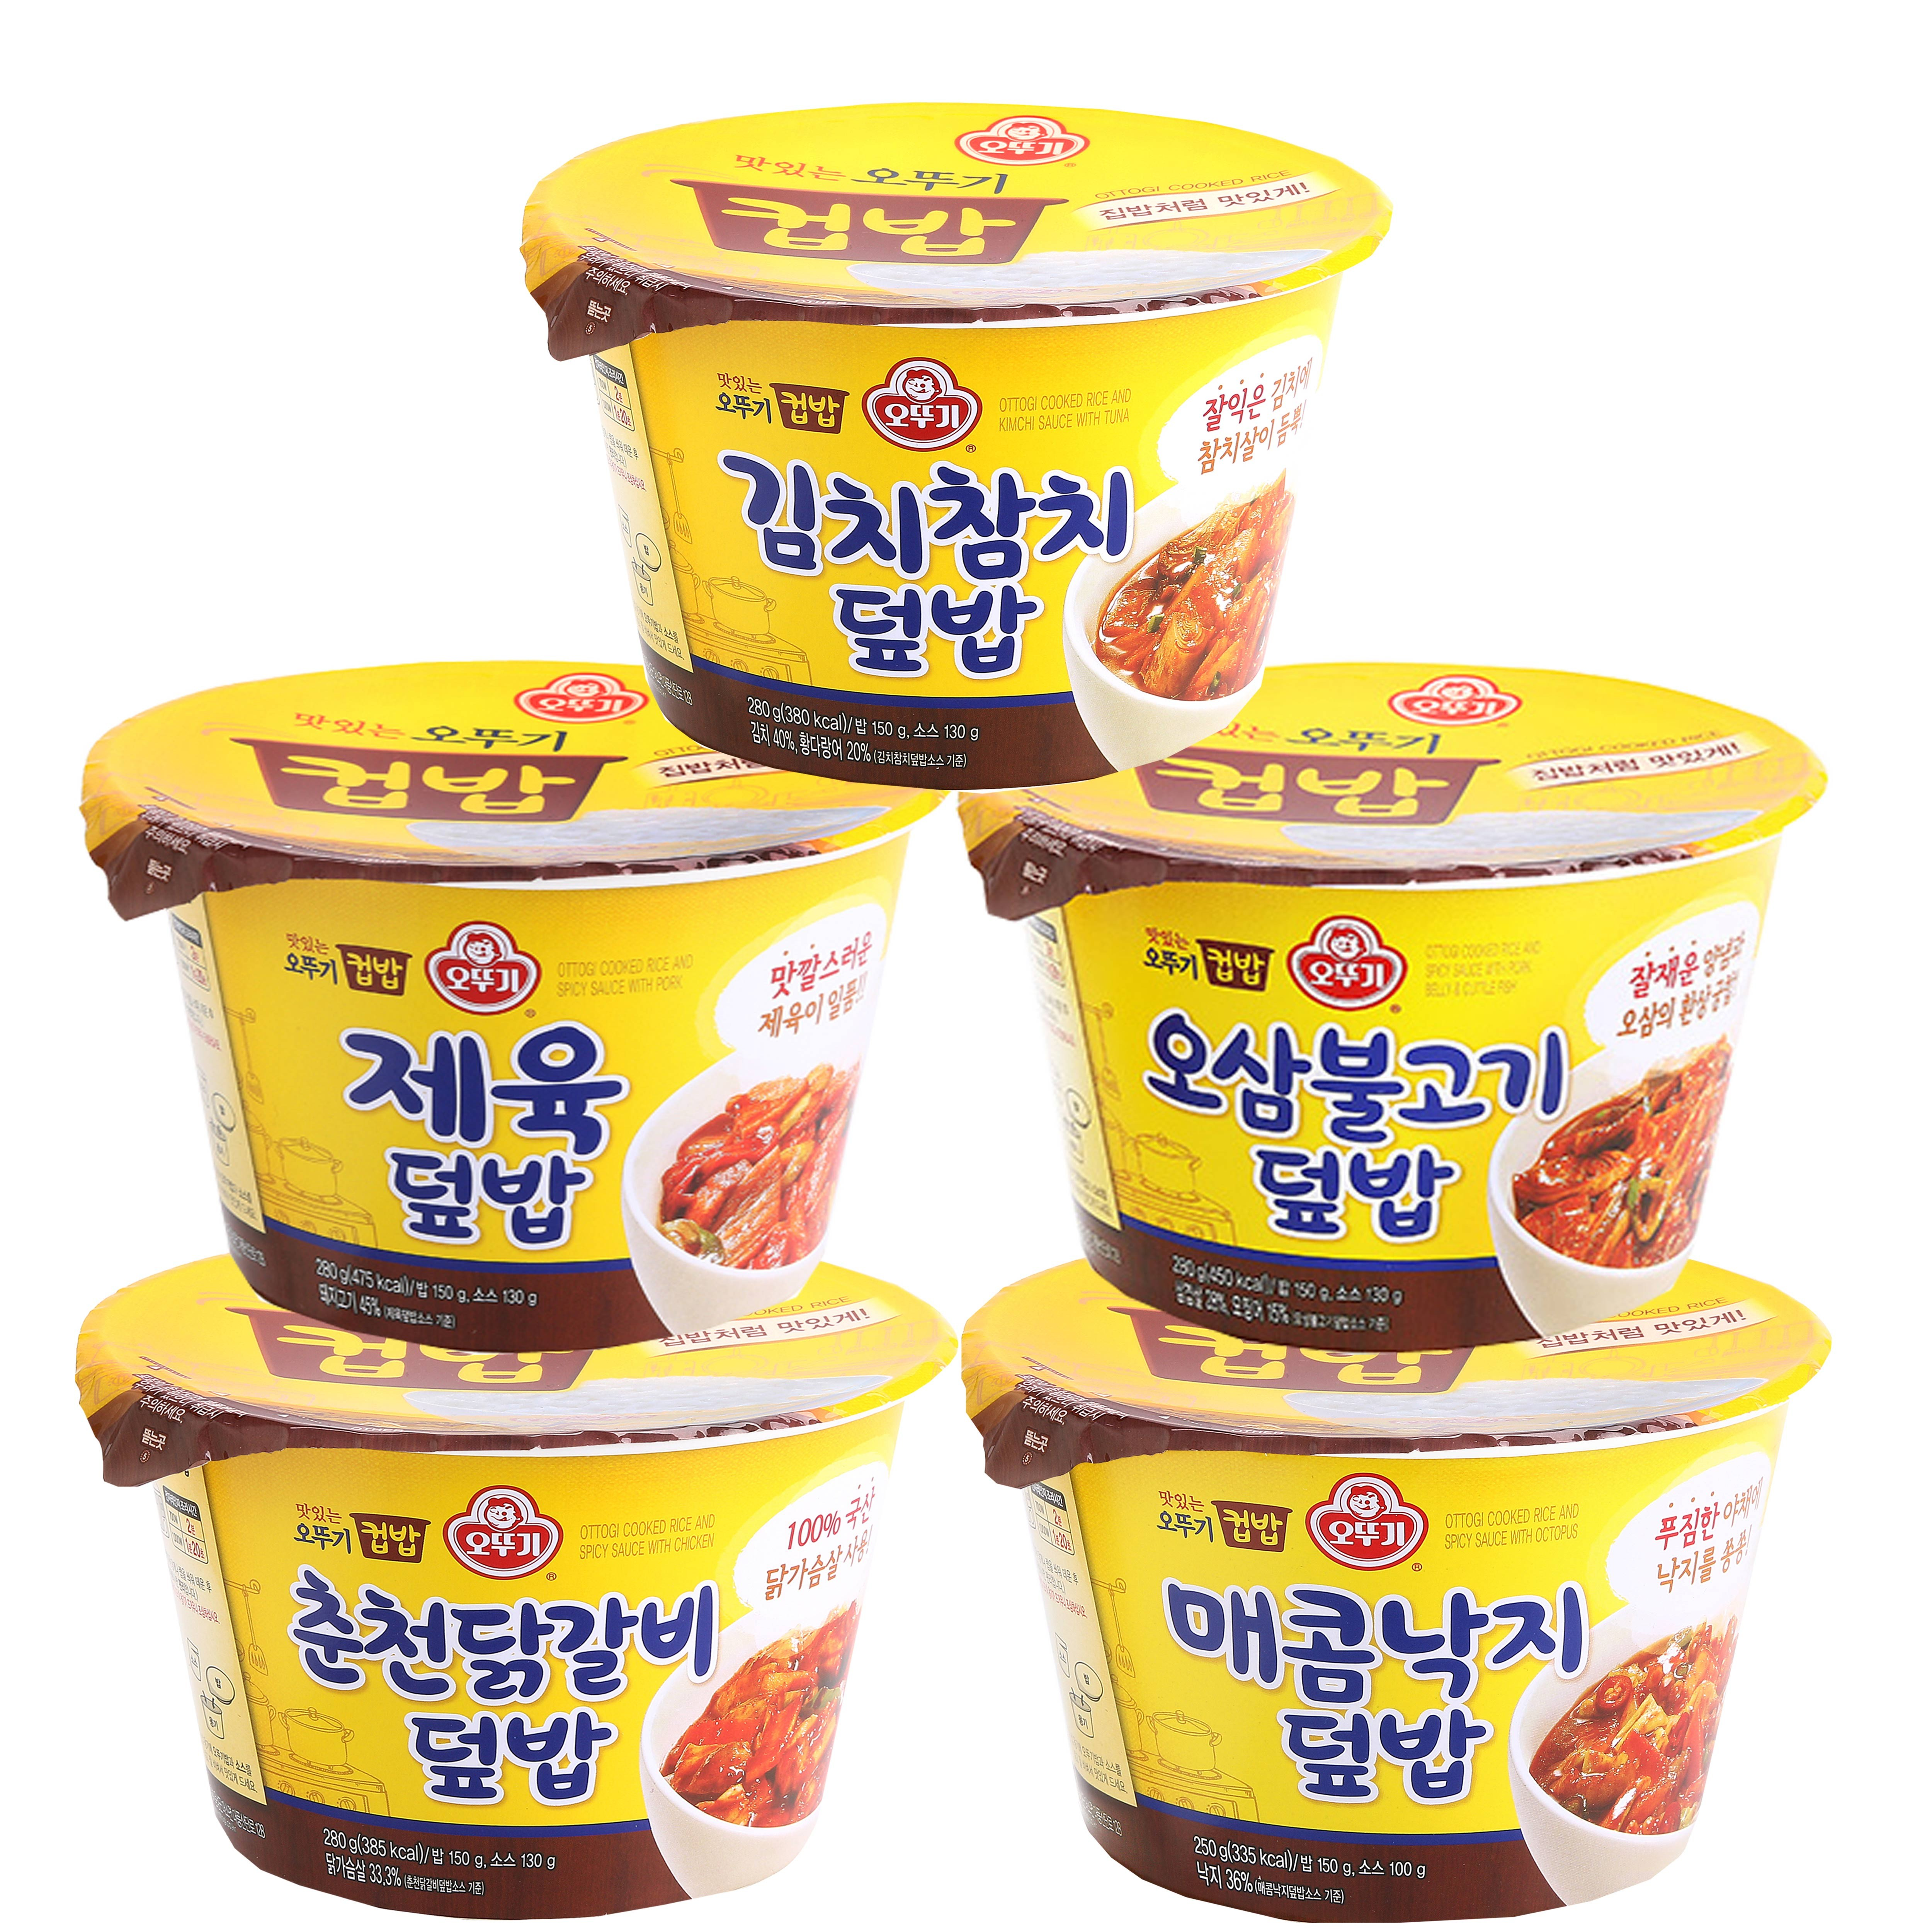 오뚜기 컵밥 5종 세트 (김치참치+제육+오삼불고기+춘천닭갈비+매콤낙지), 1개